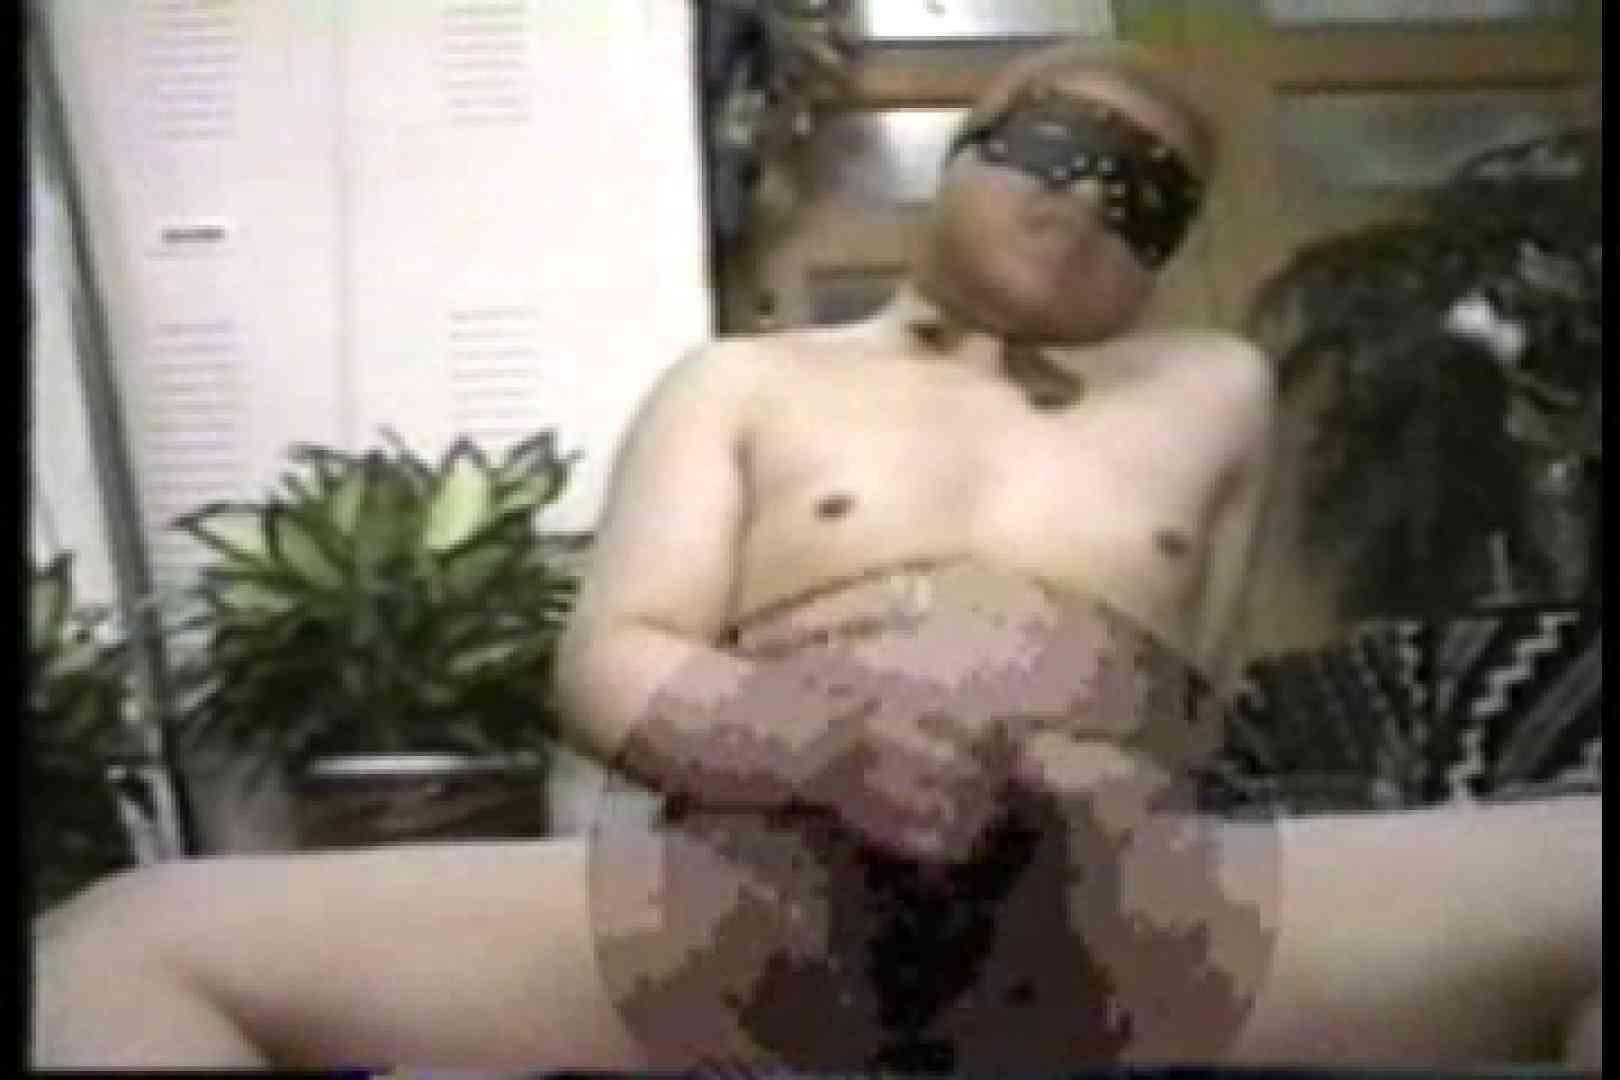 太った男じゃダメですか?10 ディルド ゲイエロビデオ画像 99枚 5